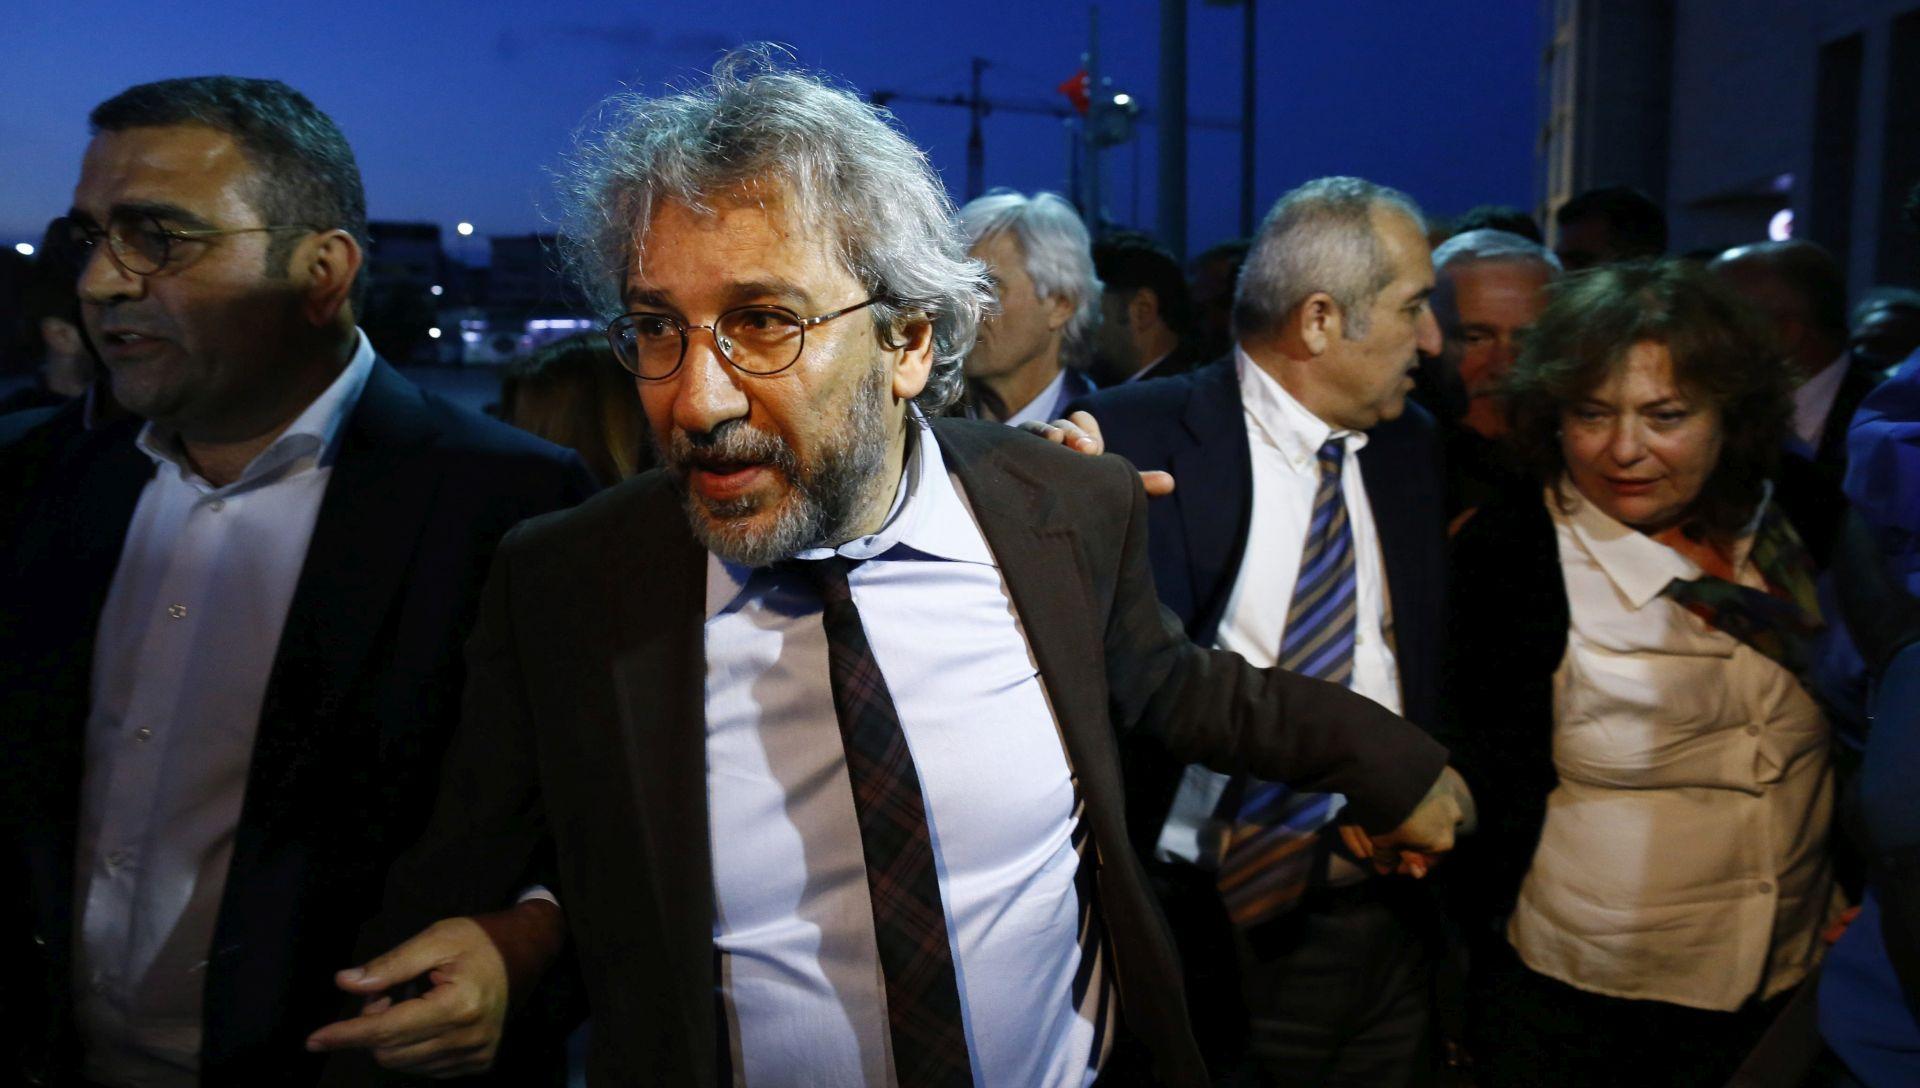 TURSKA Novinara Dundara prvo pokušali ubiti pred sudnicom, pa dobio pet godina i 10 mjeseci zatvora